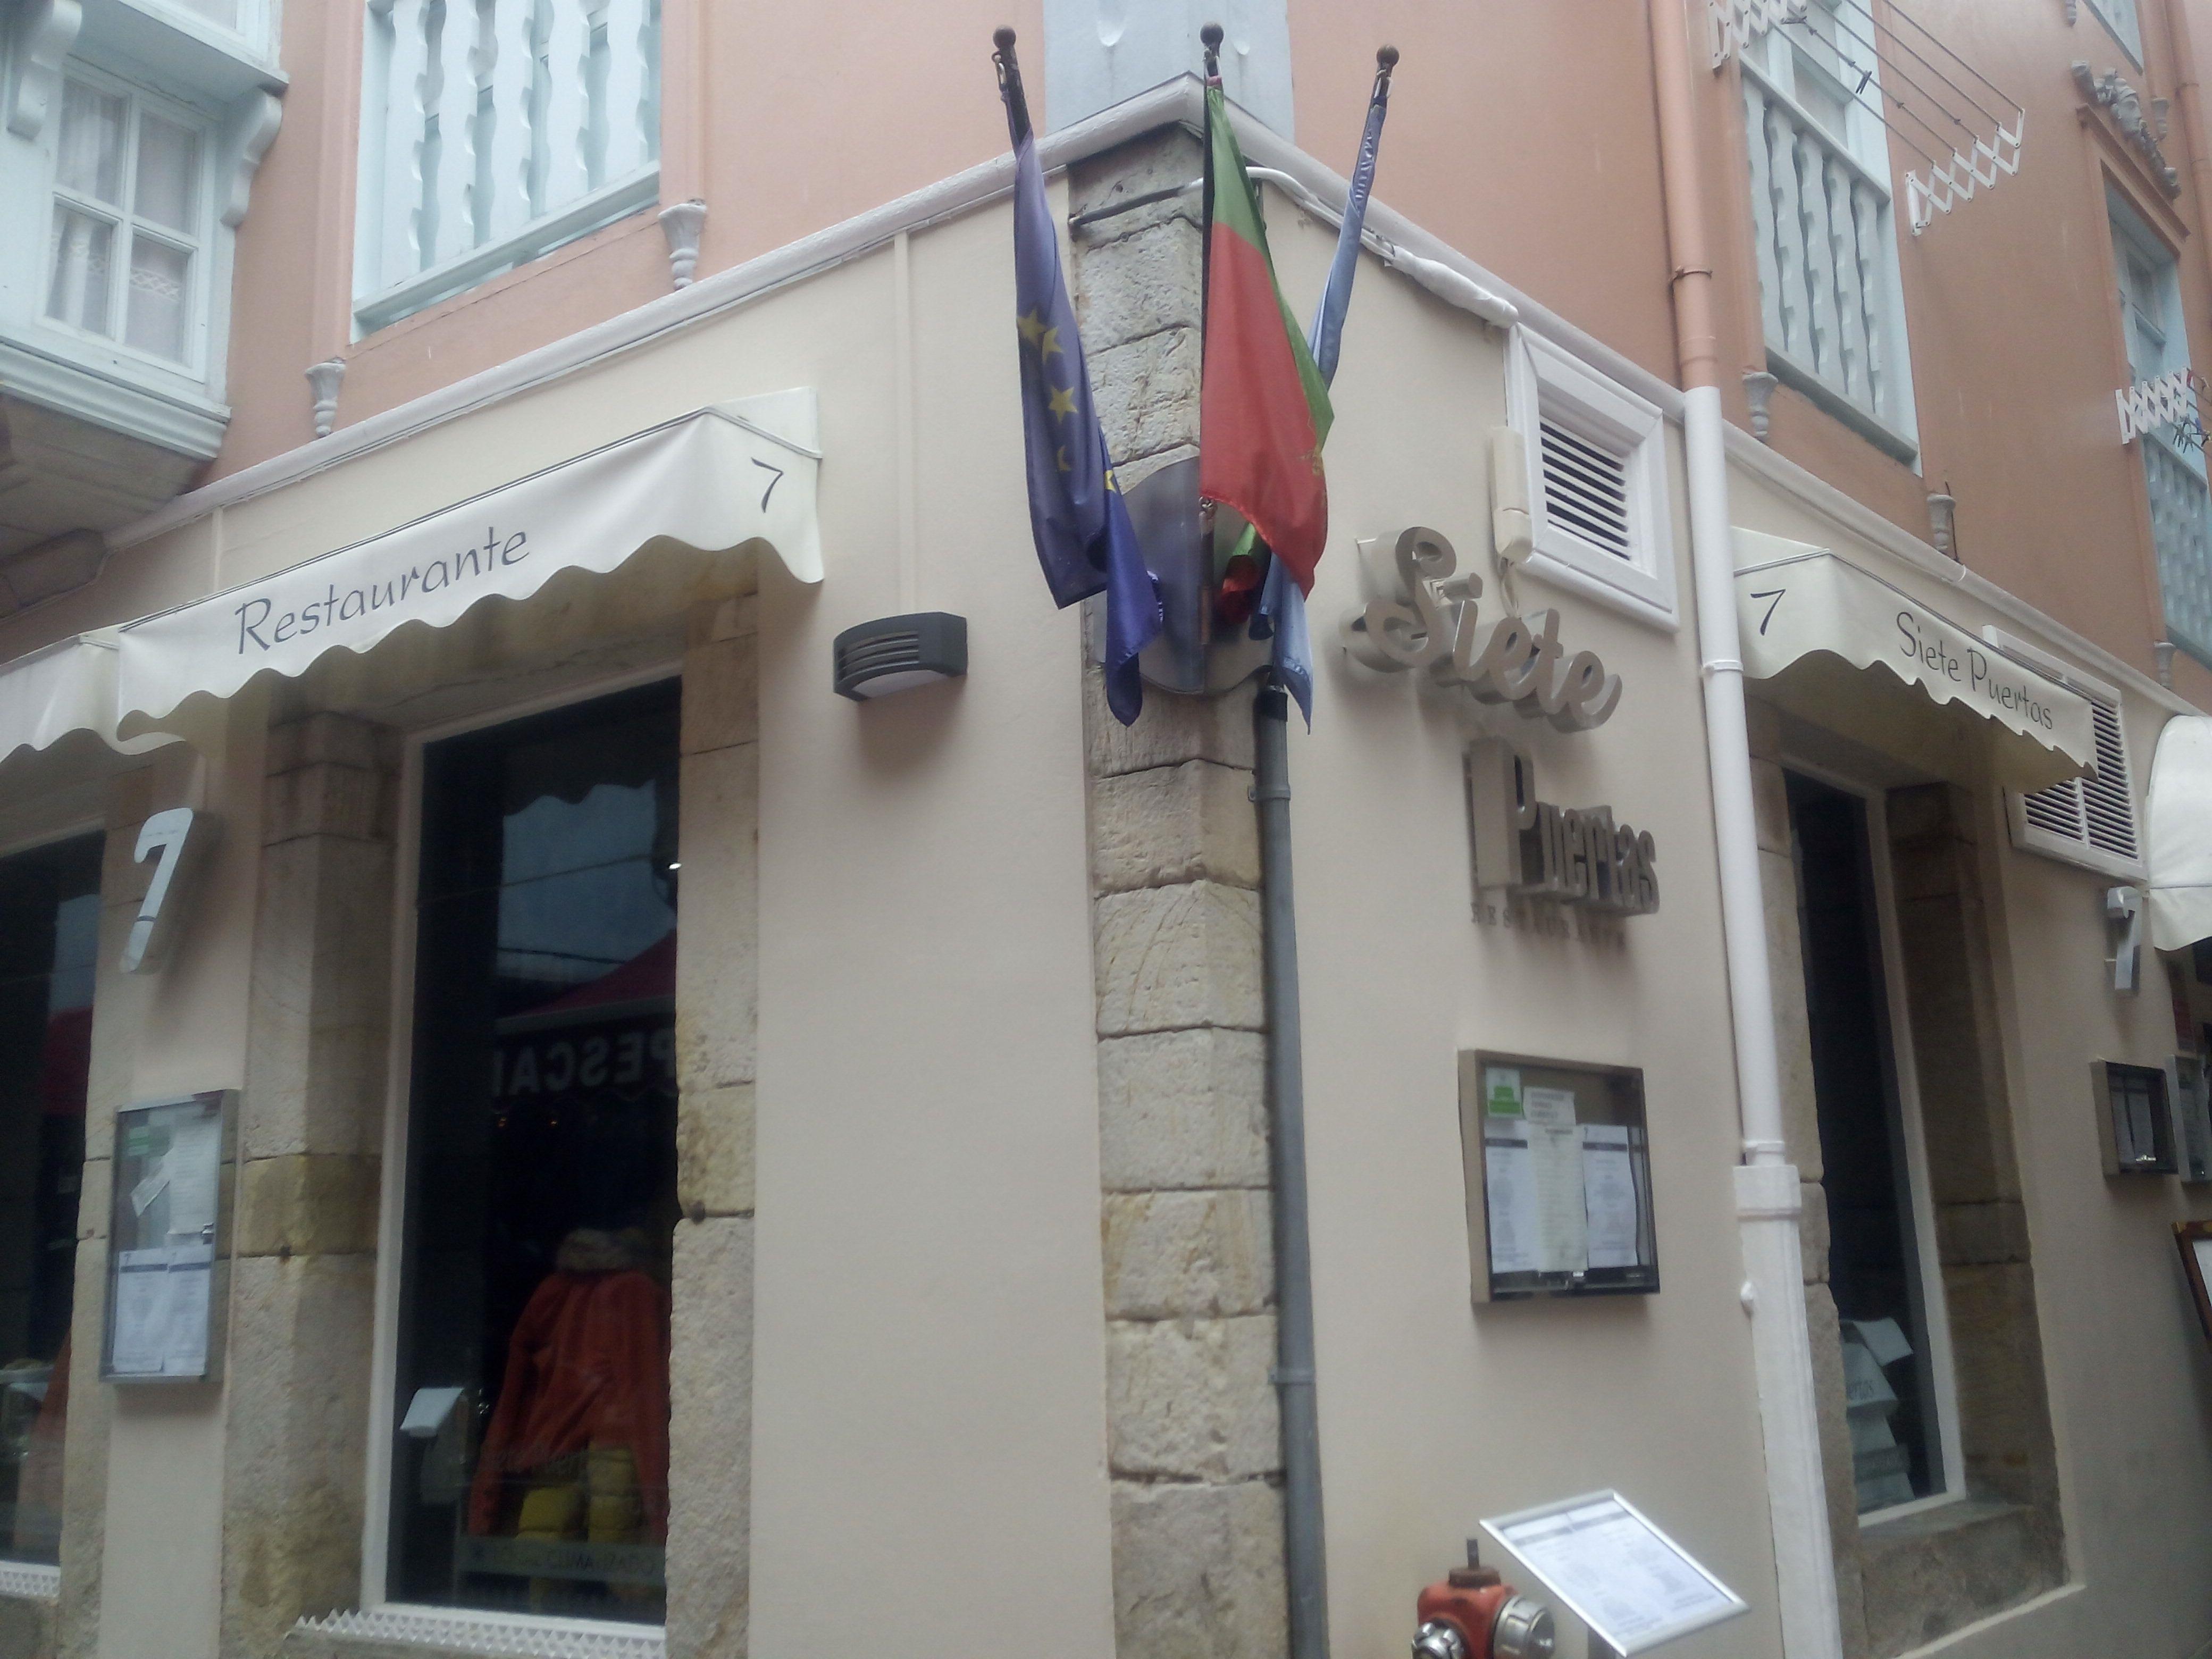 Restaurante Siete Puertas de Llanes, Asturias